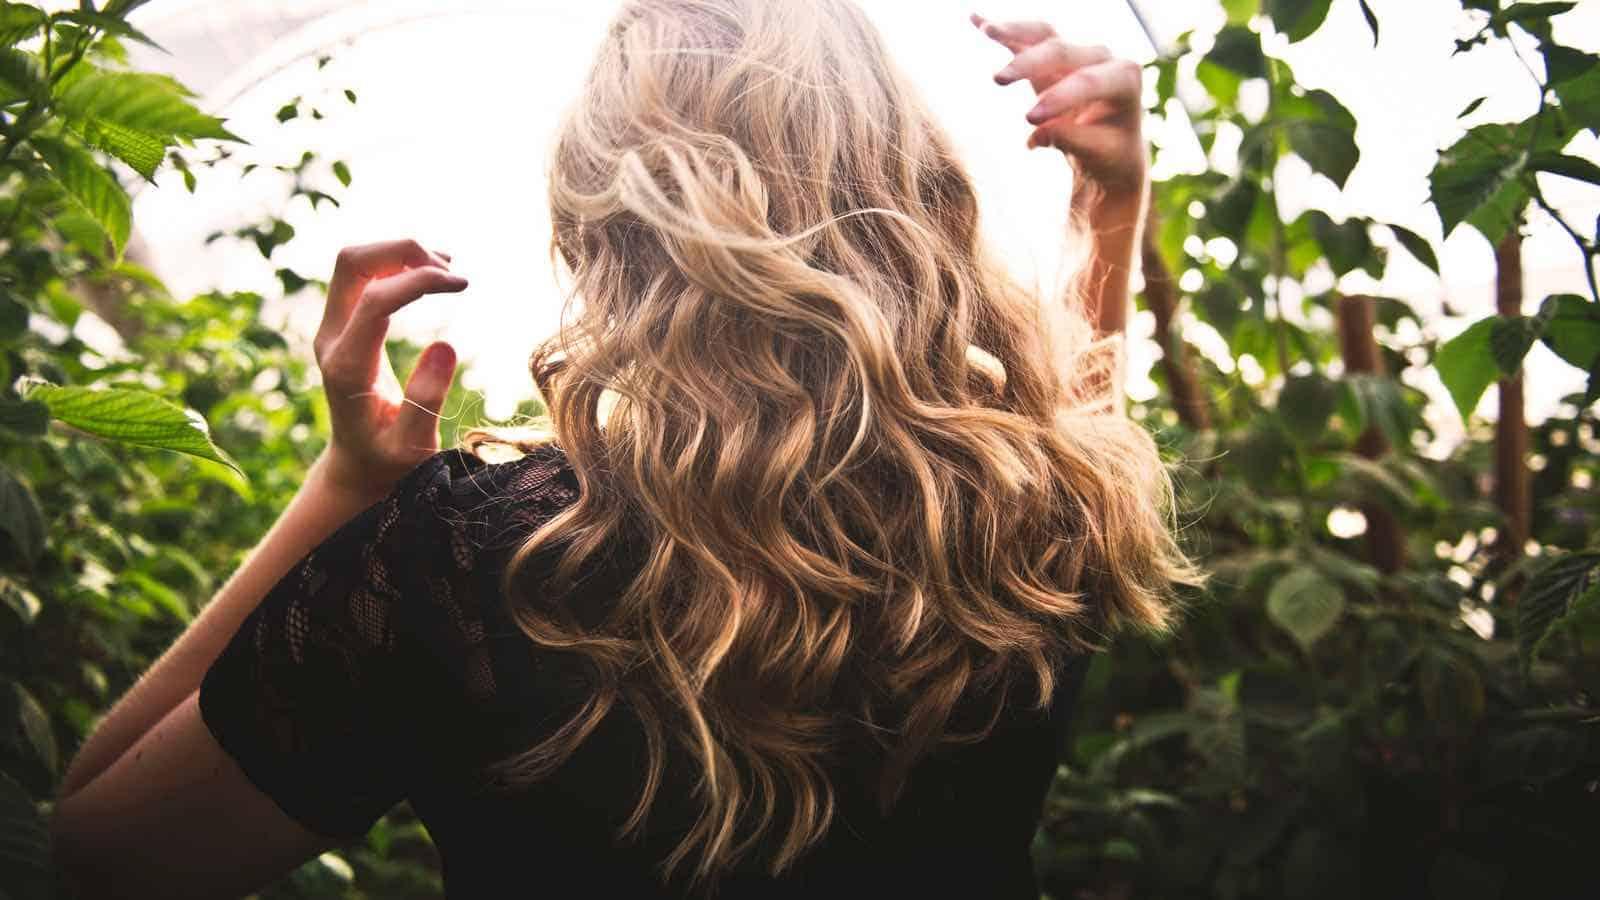 Trockene Haare- 10 hilfreiche Hausmittel & Tricks die sofort helfen